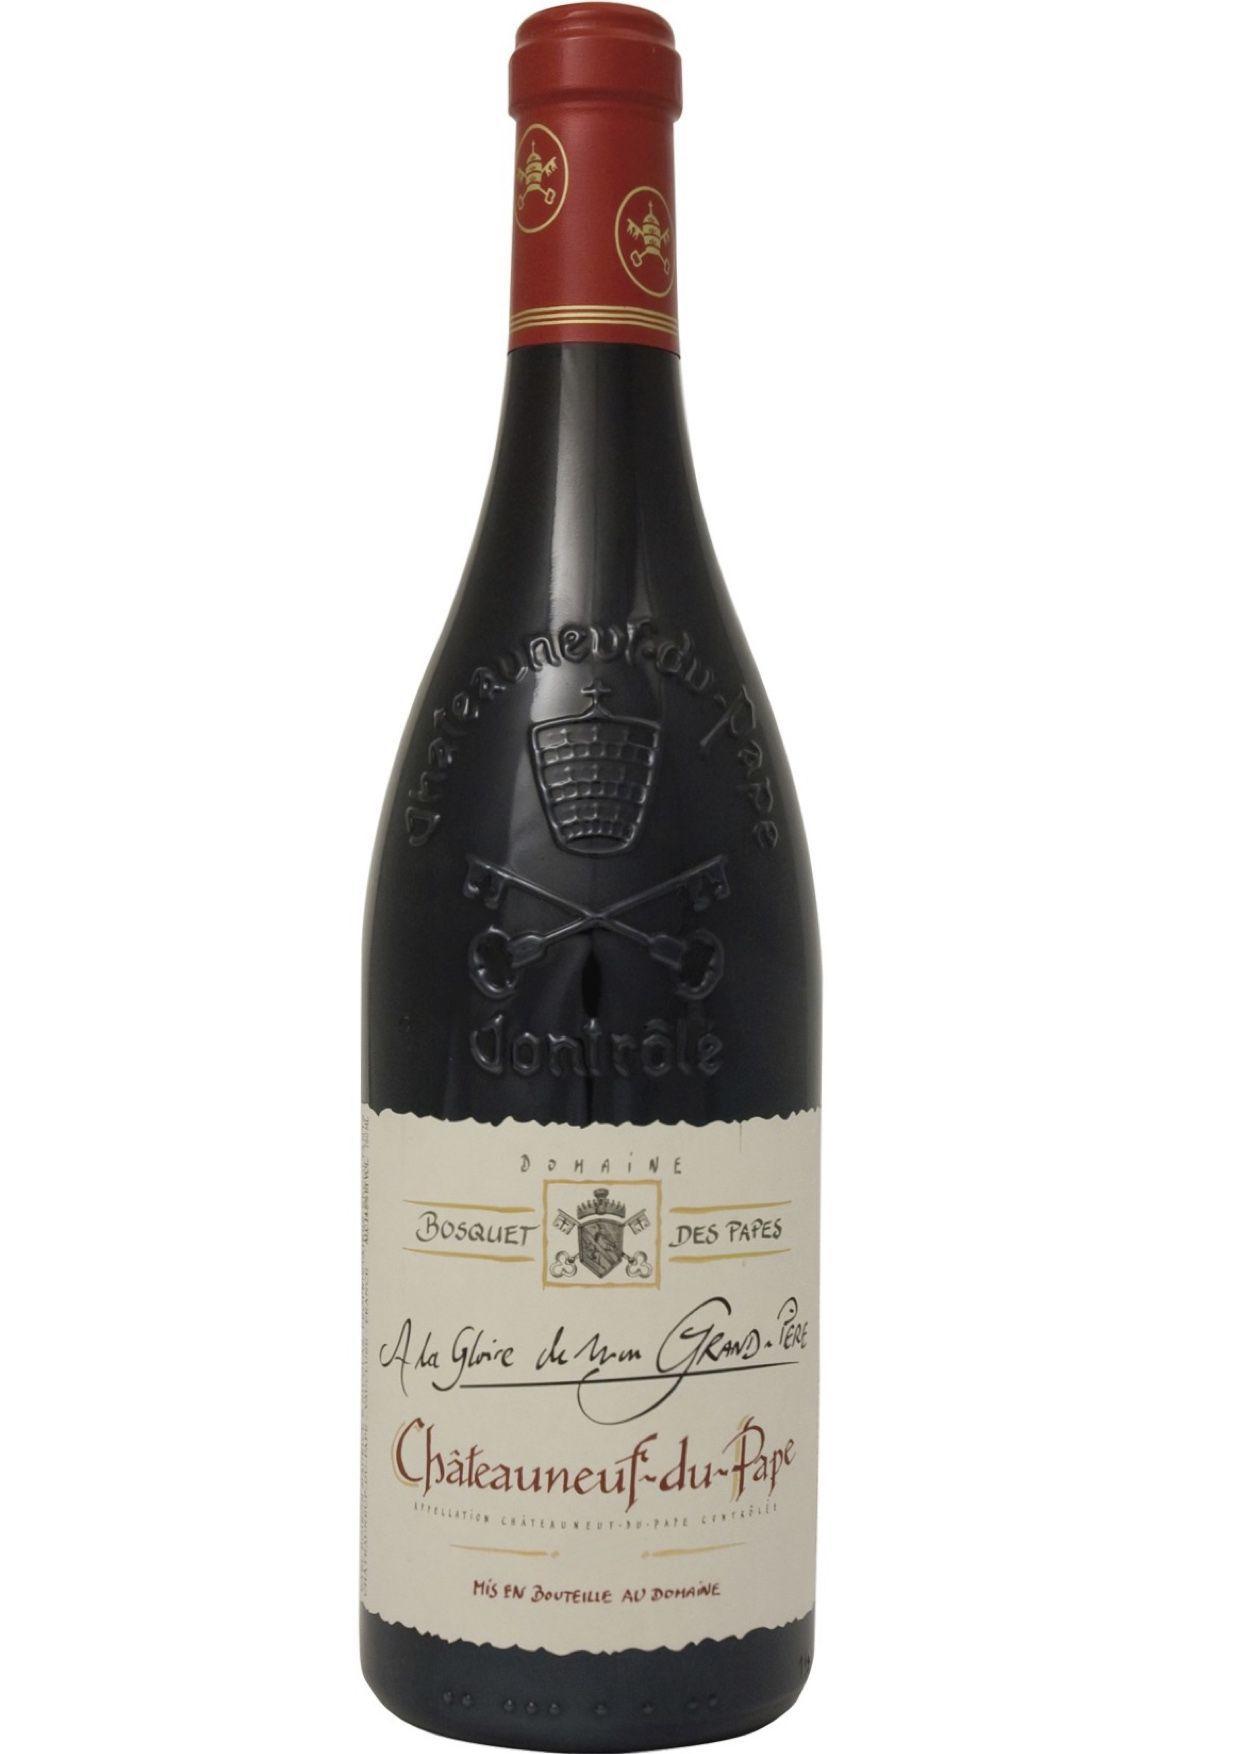 Vinho Chateauneuff du Pape Ala Gloire De Mon Grand